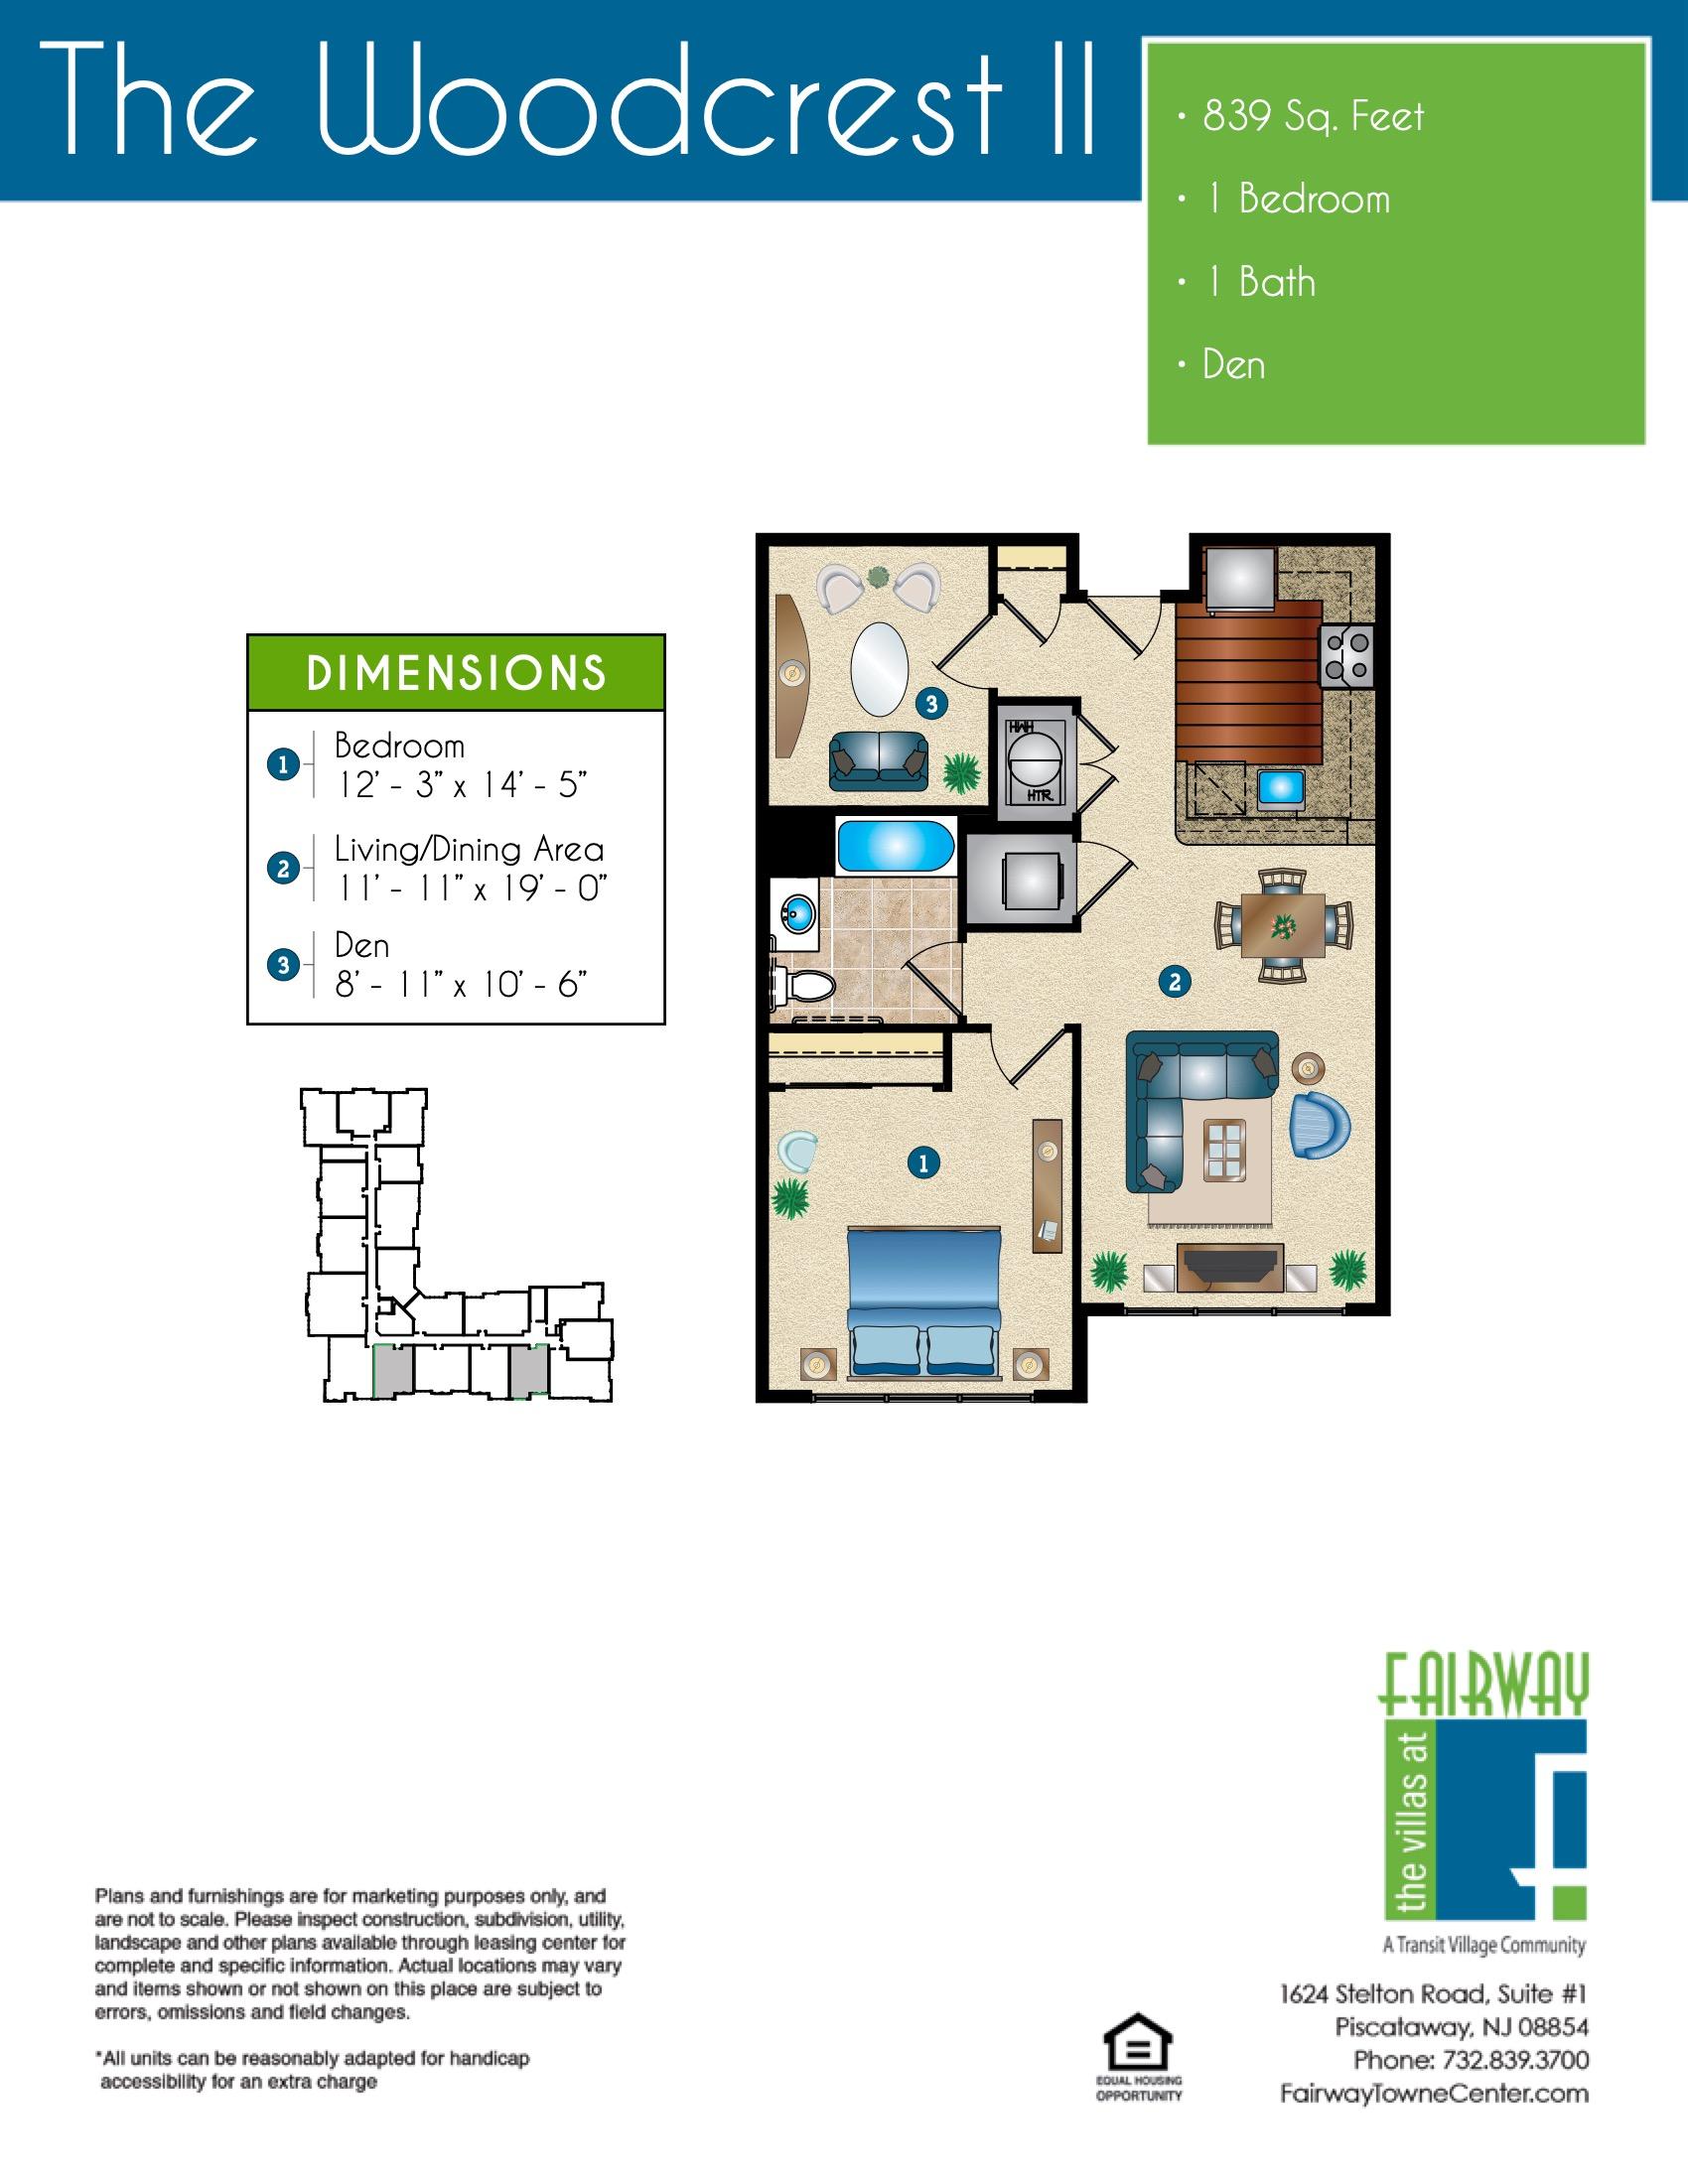 The Woodcrest II Floor Plan